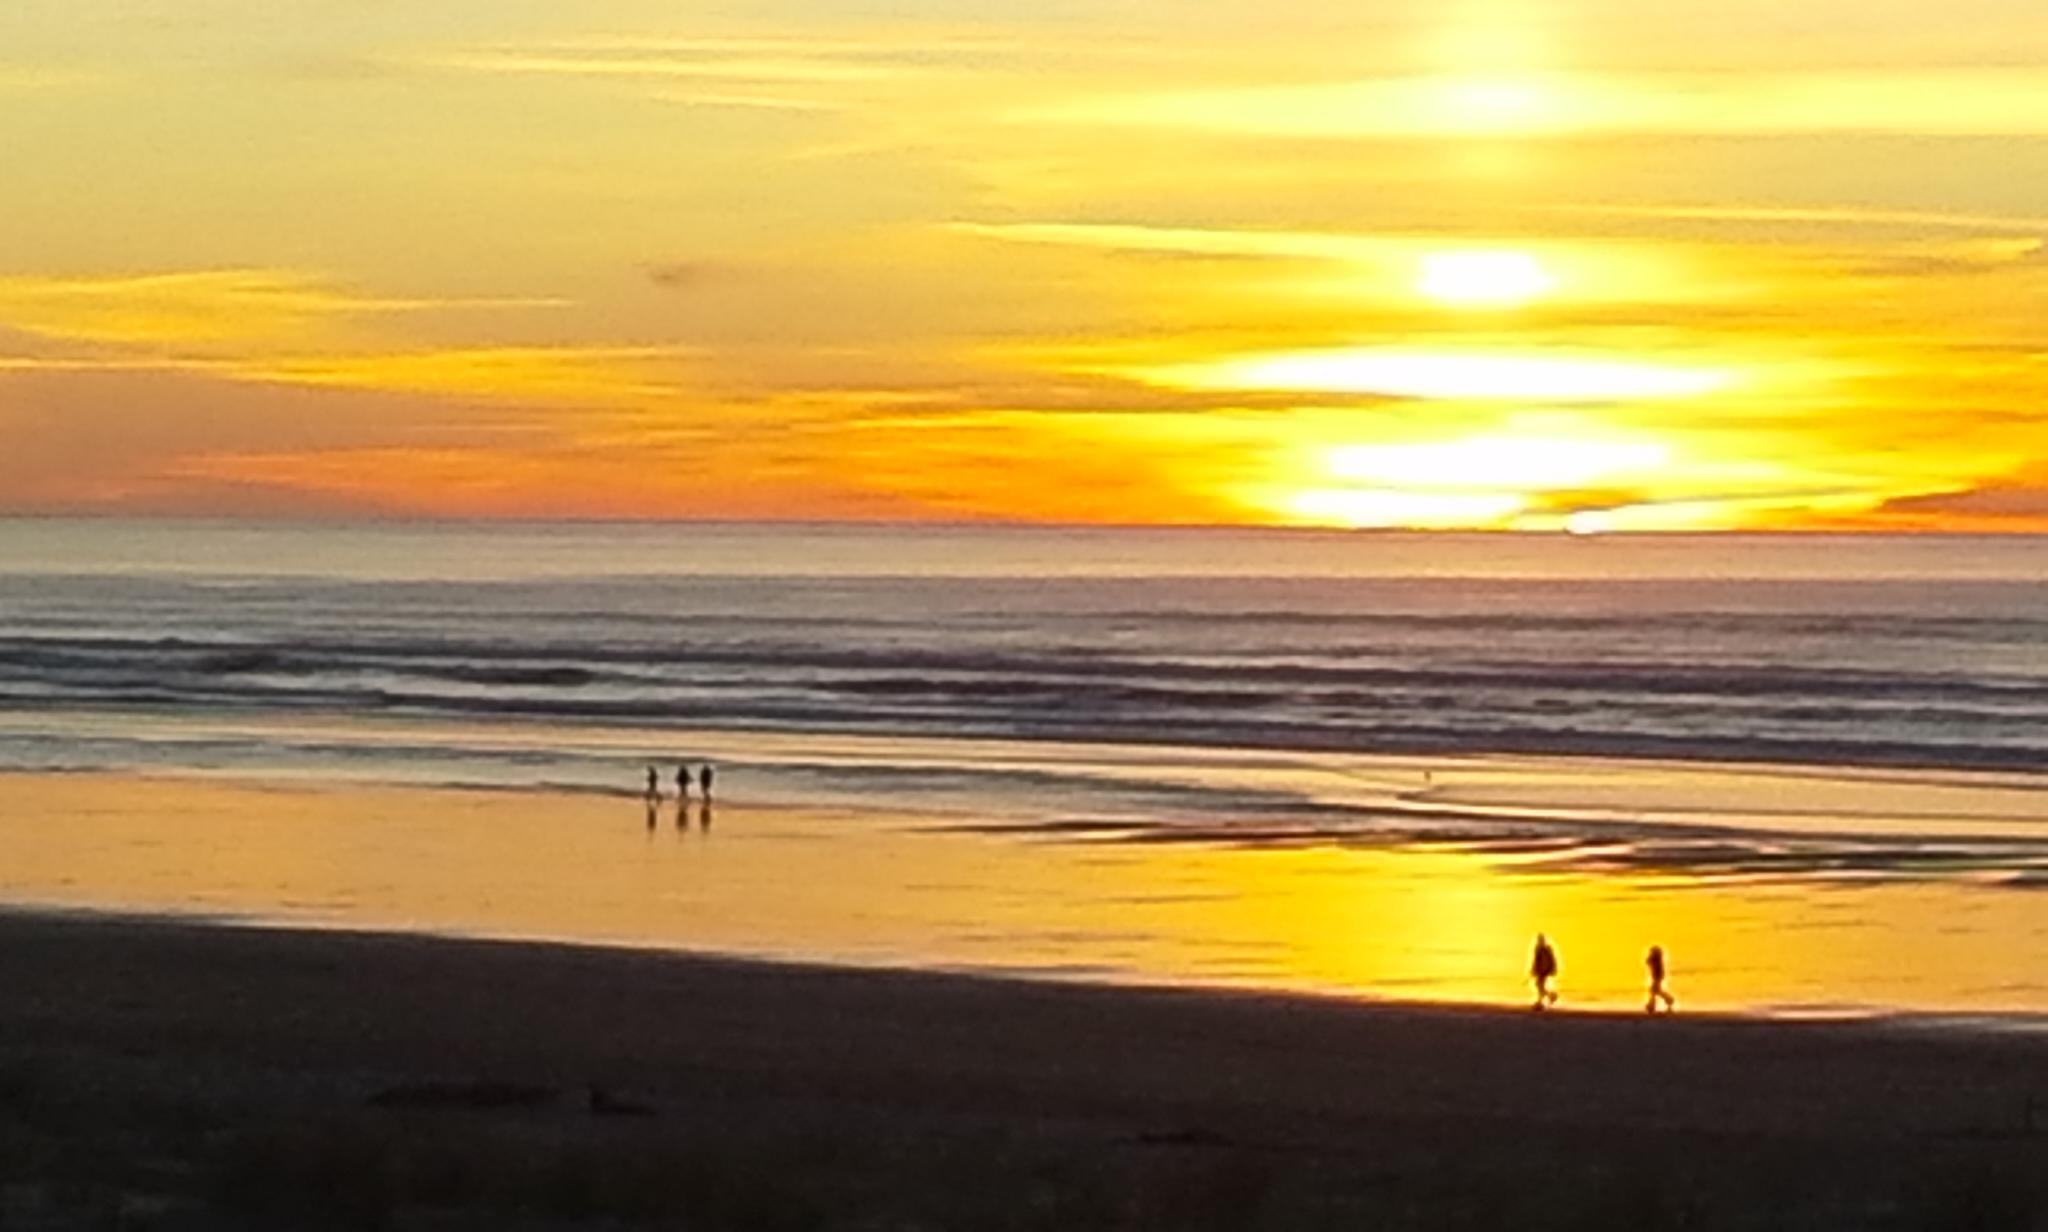 A golden Cannon Beach sunset